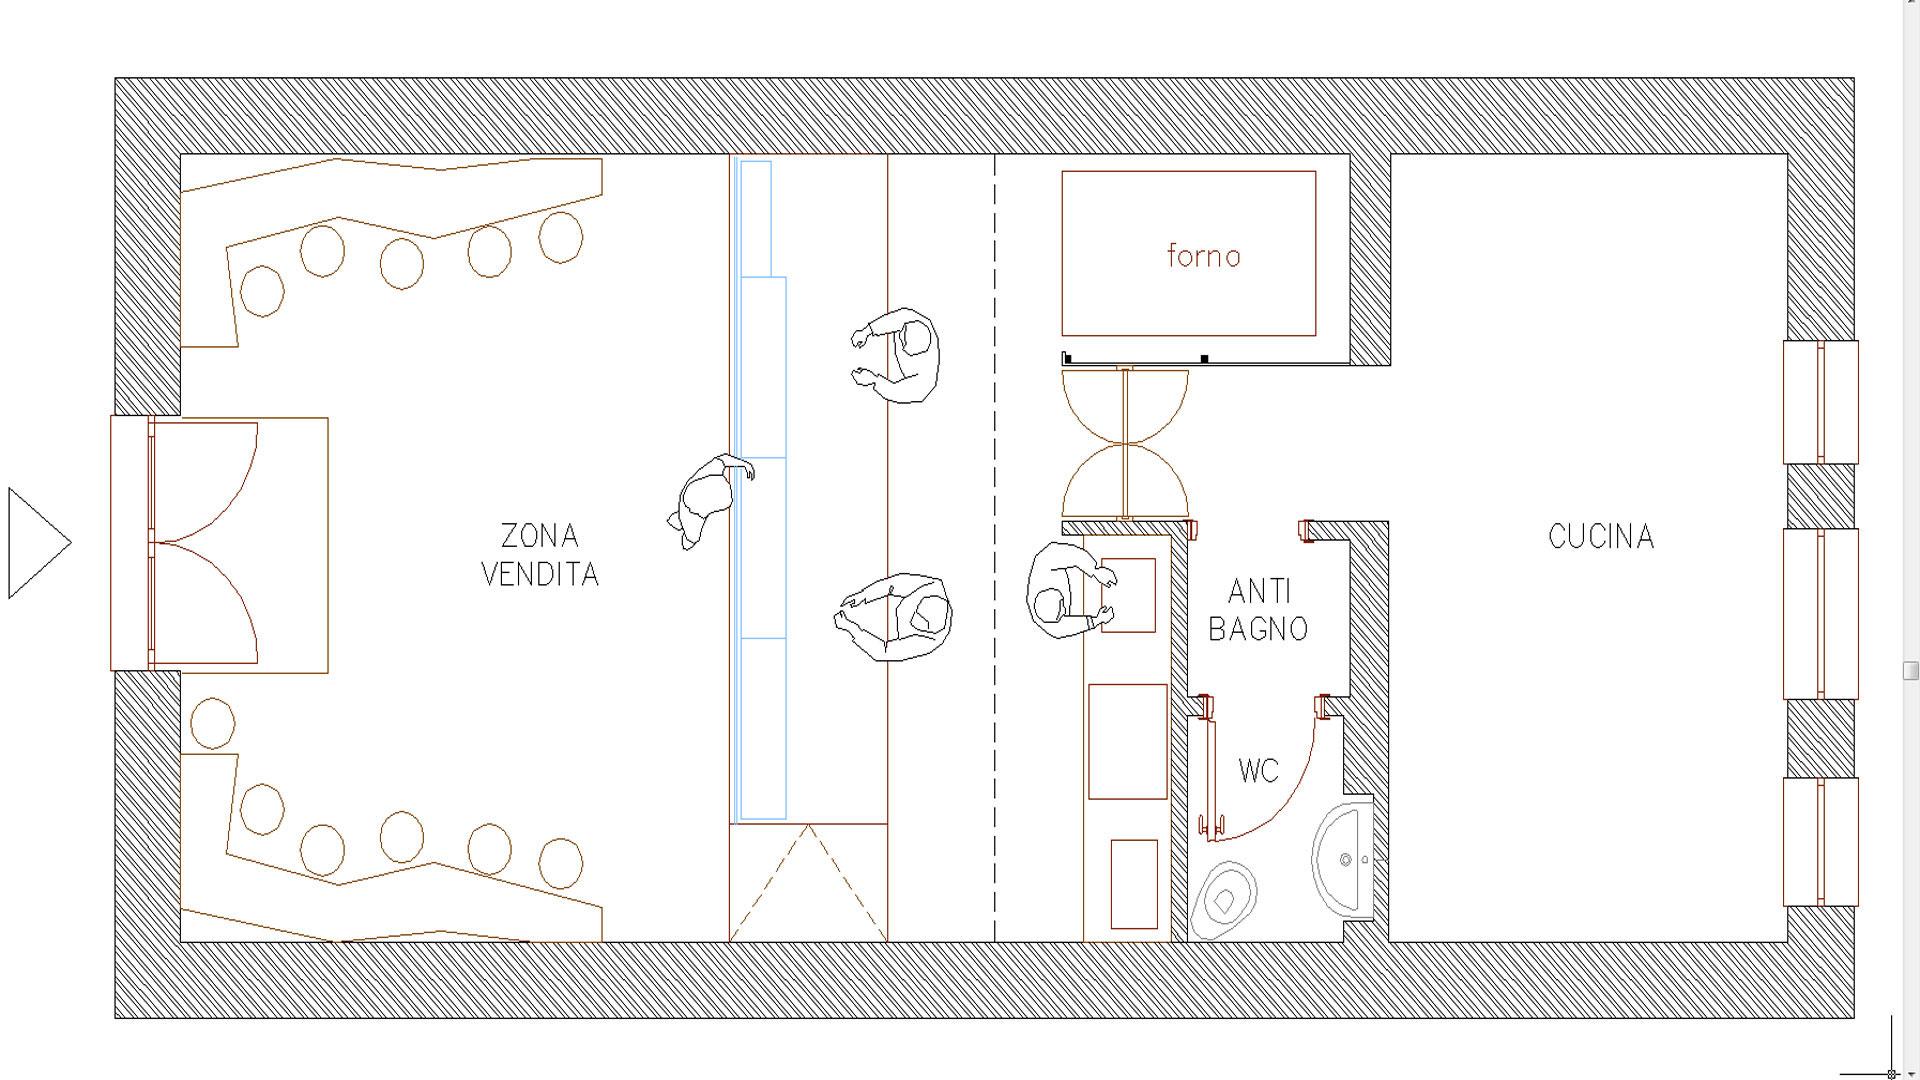 Pianta architettura definizione idea creativa della casa for Layout della planimetria della cucina